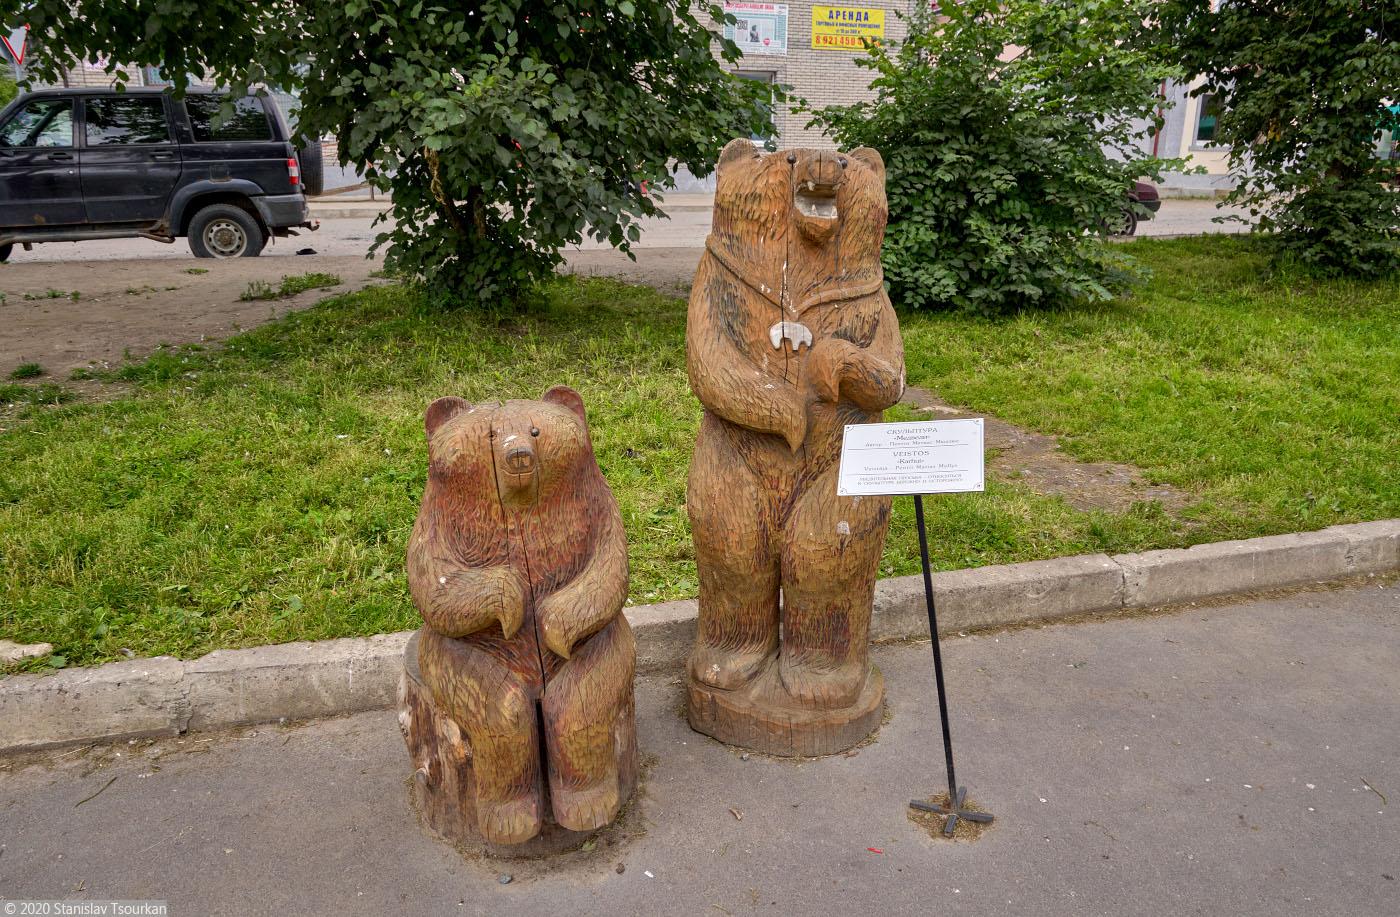 Лахденпохья, Карелия, республика Карелия, Калевала, сквер Калевала, медведи